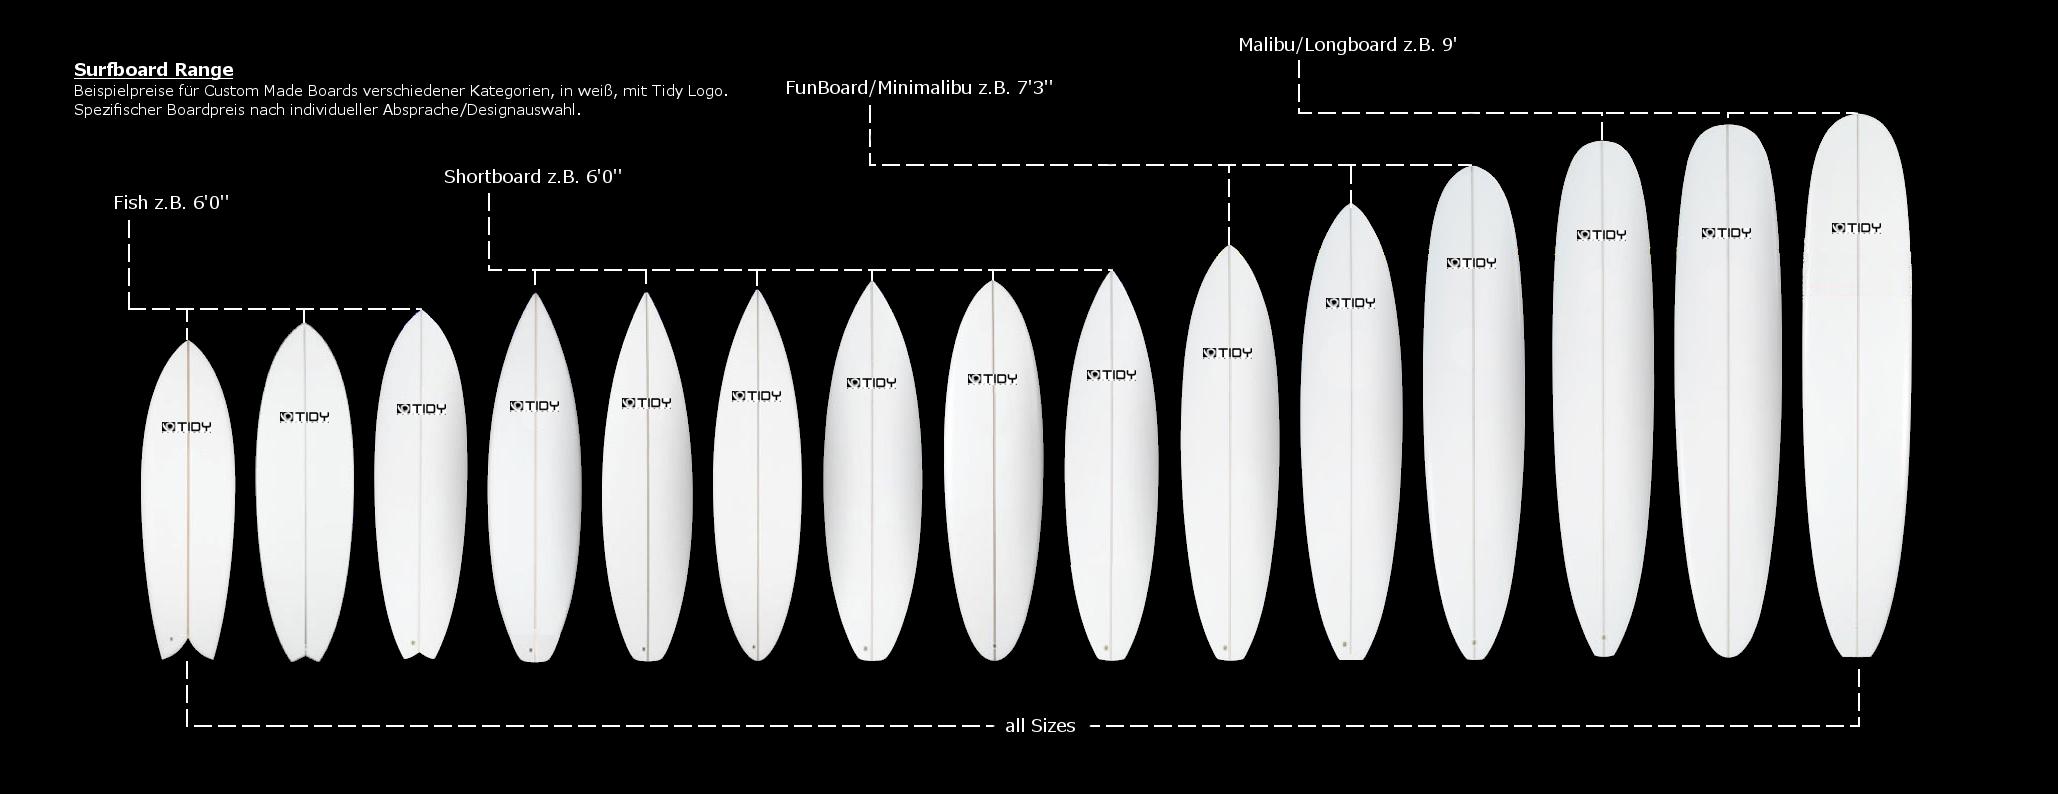 Surfboards-Übersicht-mit-Logo-und-Beschriftung ohne Preise